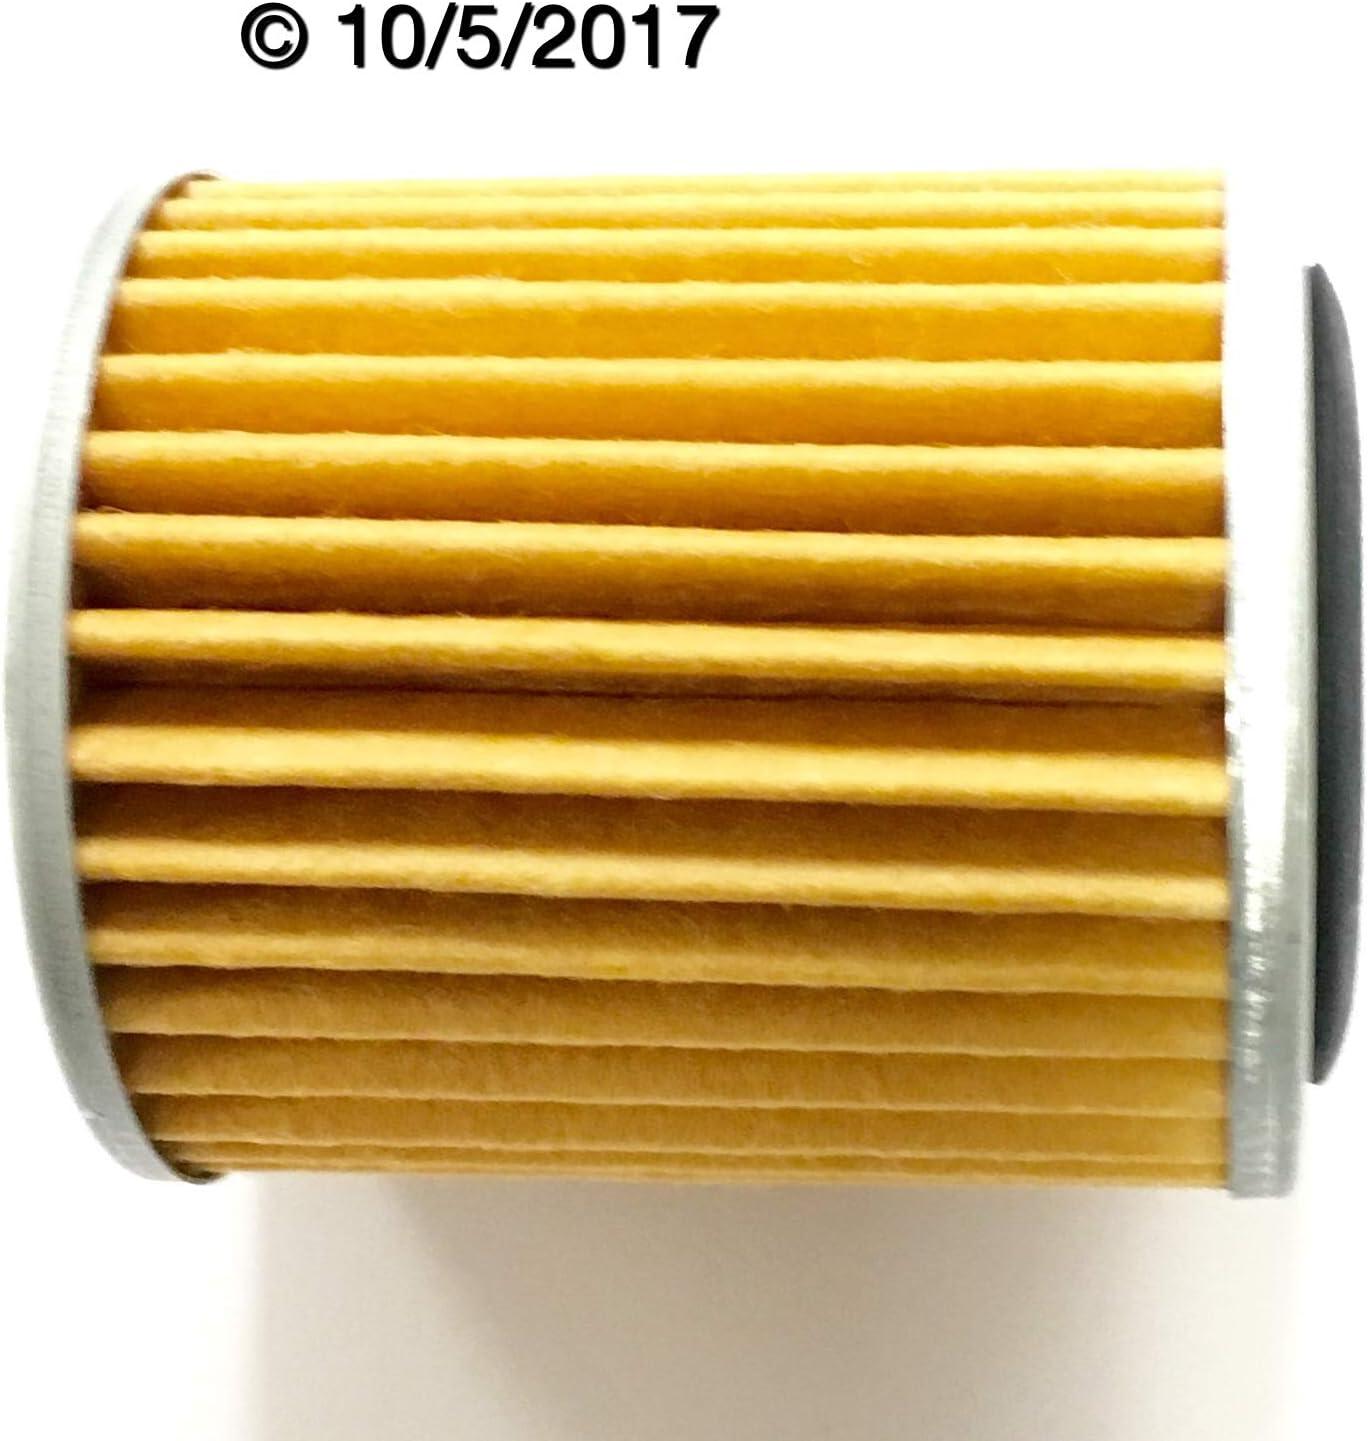 Genuine Mitsubishi CVT Award Transmission COOLER O-ring. 2824 Ranking TOP20 Filter